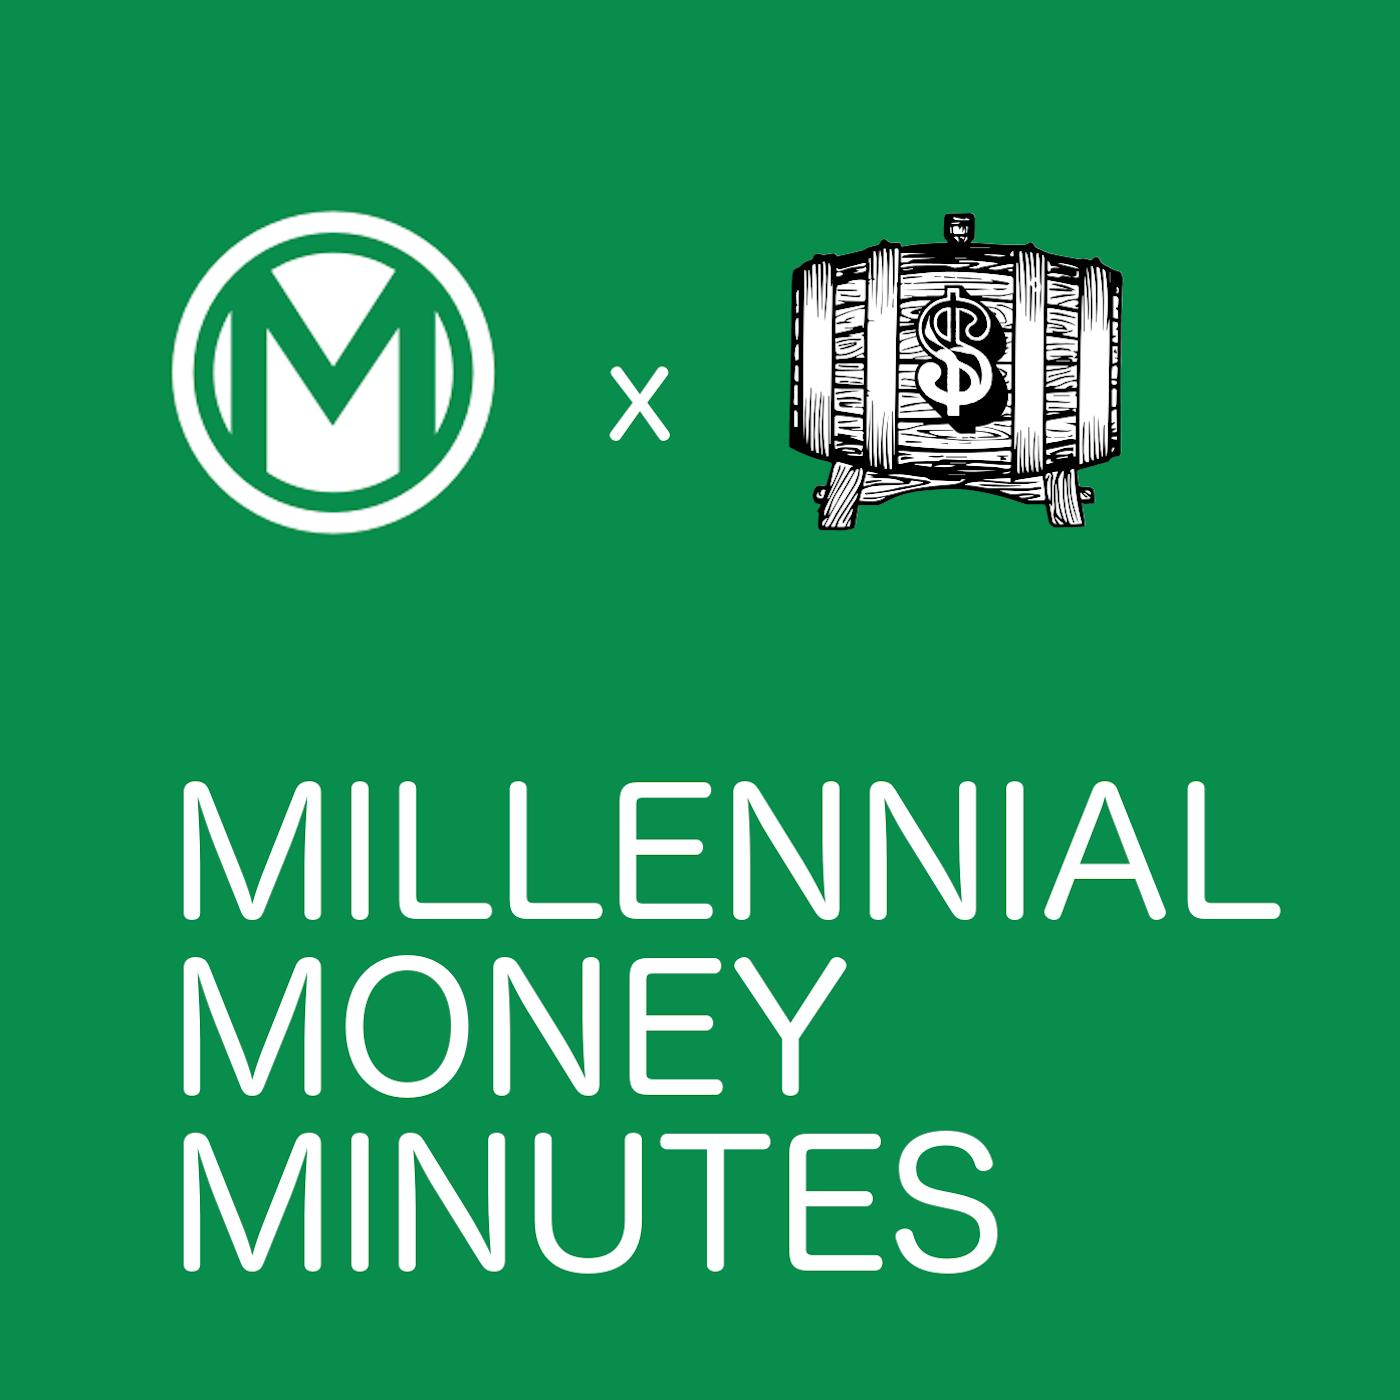 Millennial Money Minutes Personal Finance In 5 Minutes Listen Via Stitcher Radio On Demand